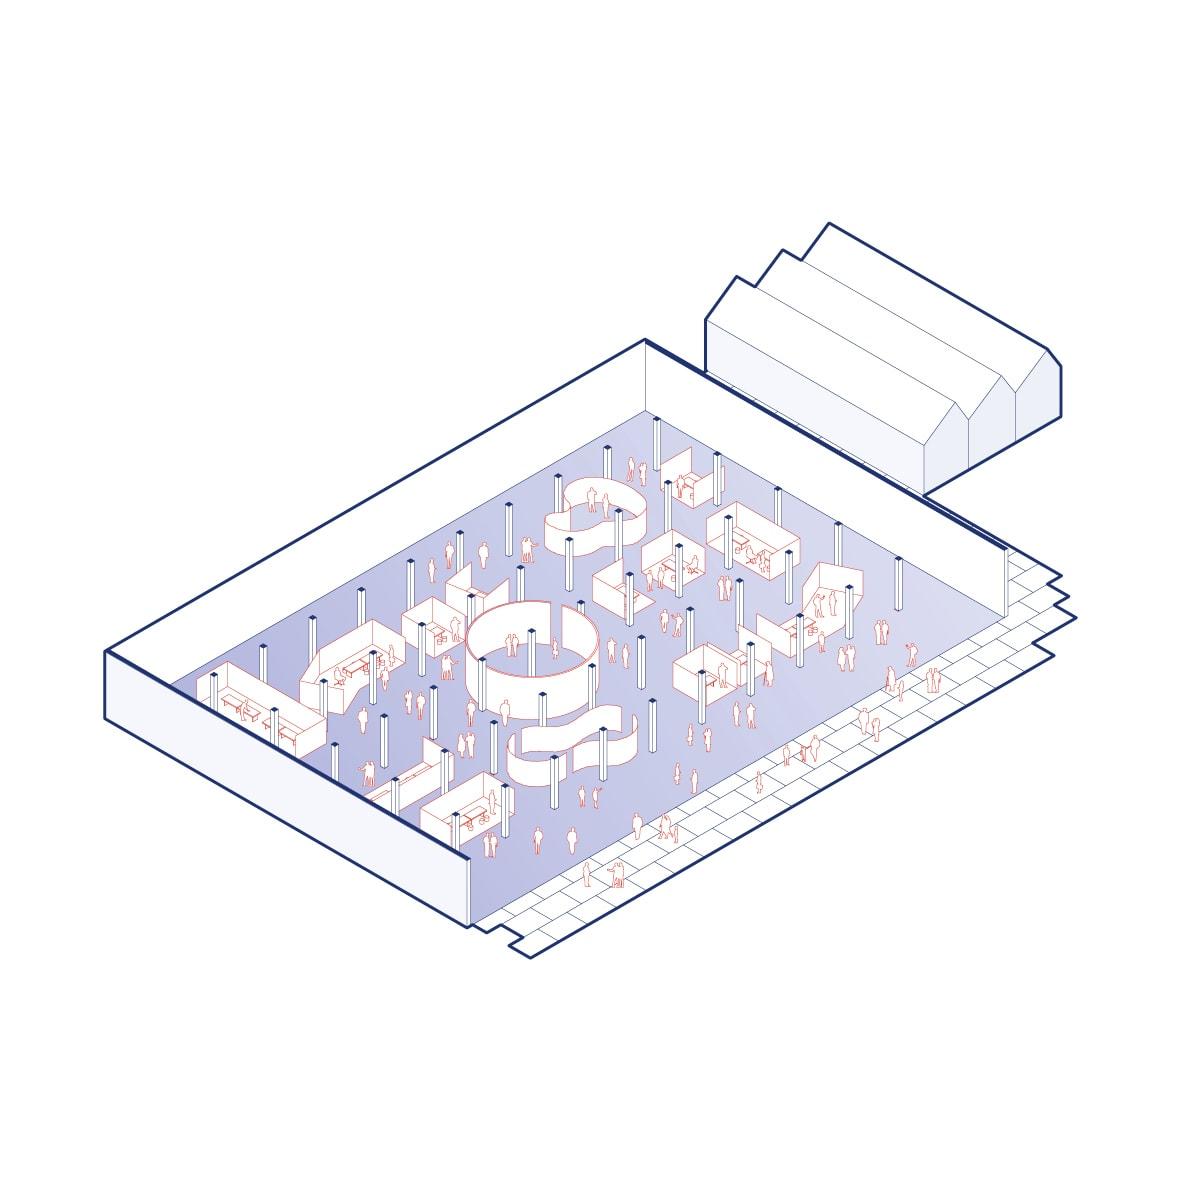 giulia-genovese-nonarchitecture-4